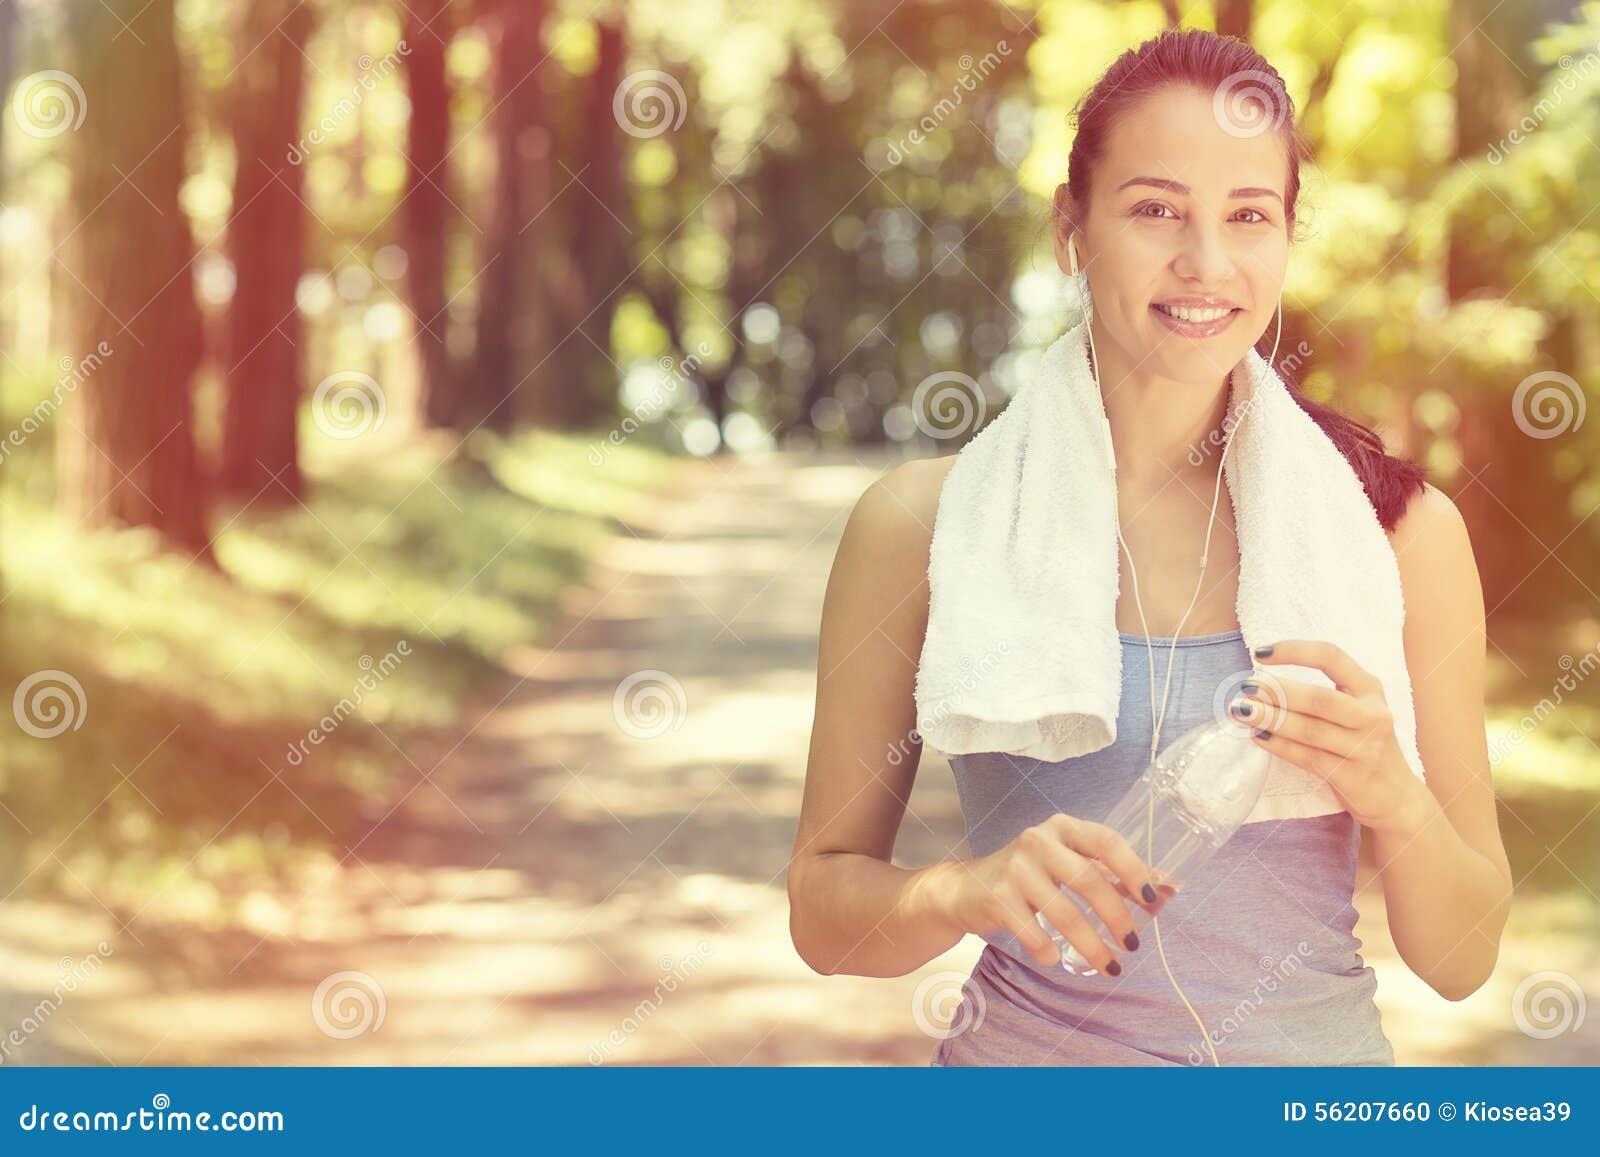 Glimlachende geschikte vrouw met witte handdoek die na sportoefeningen rusten